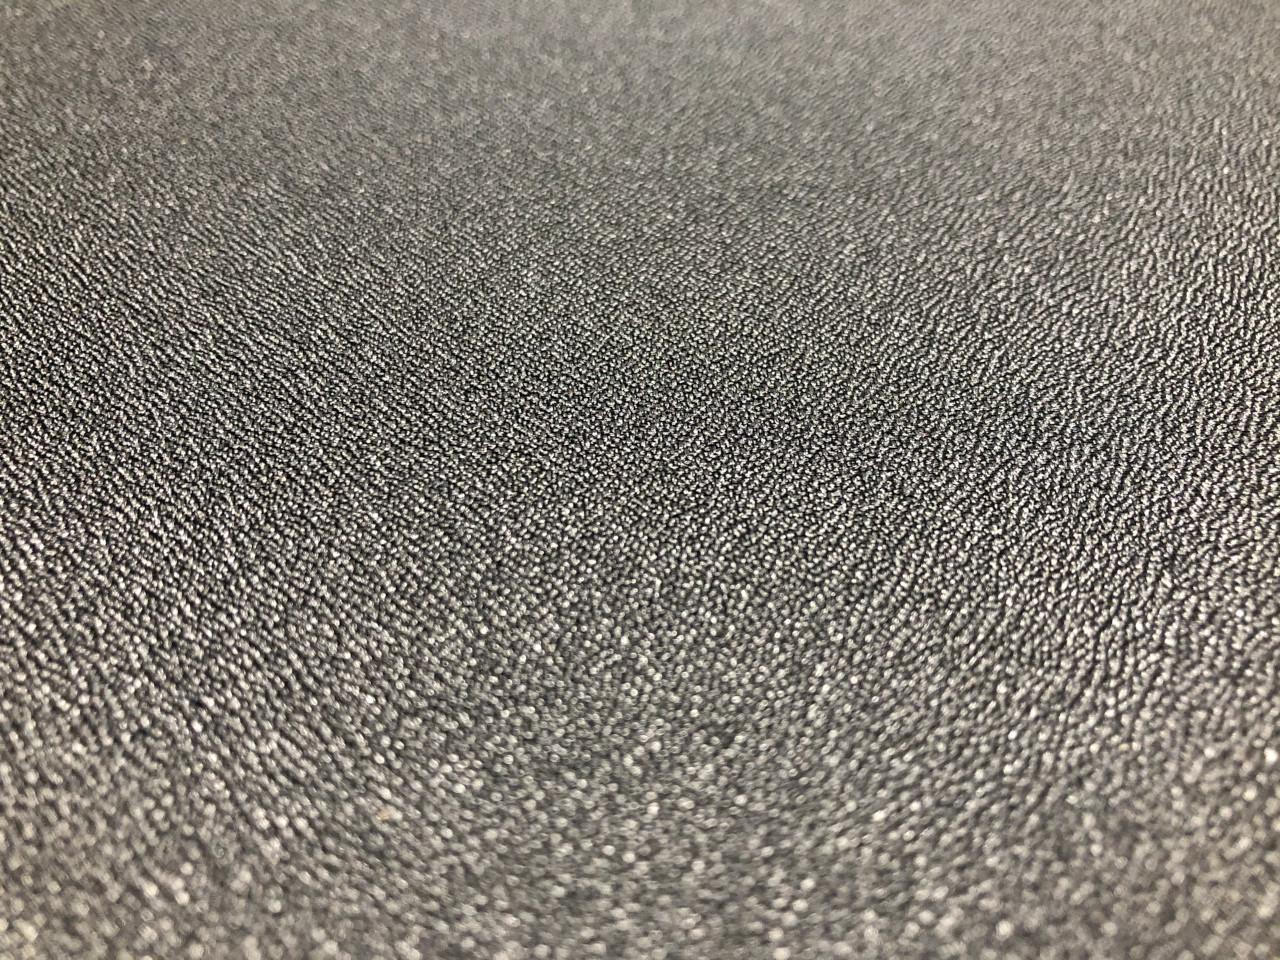 飛燕(ヒエン)-表面の質感比較2